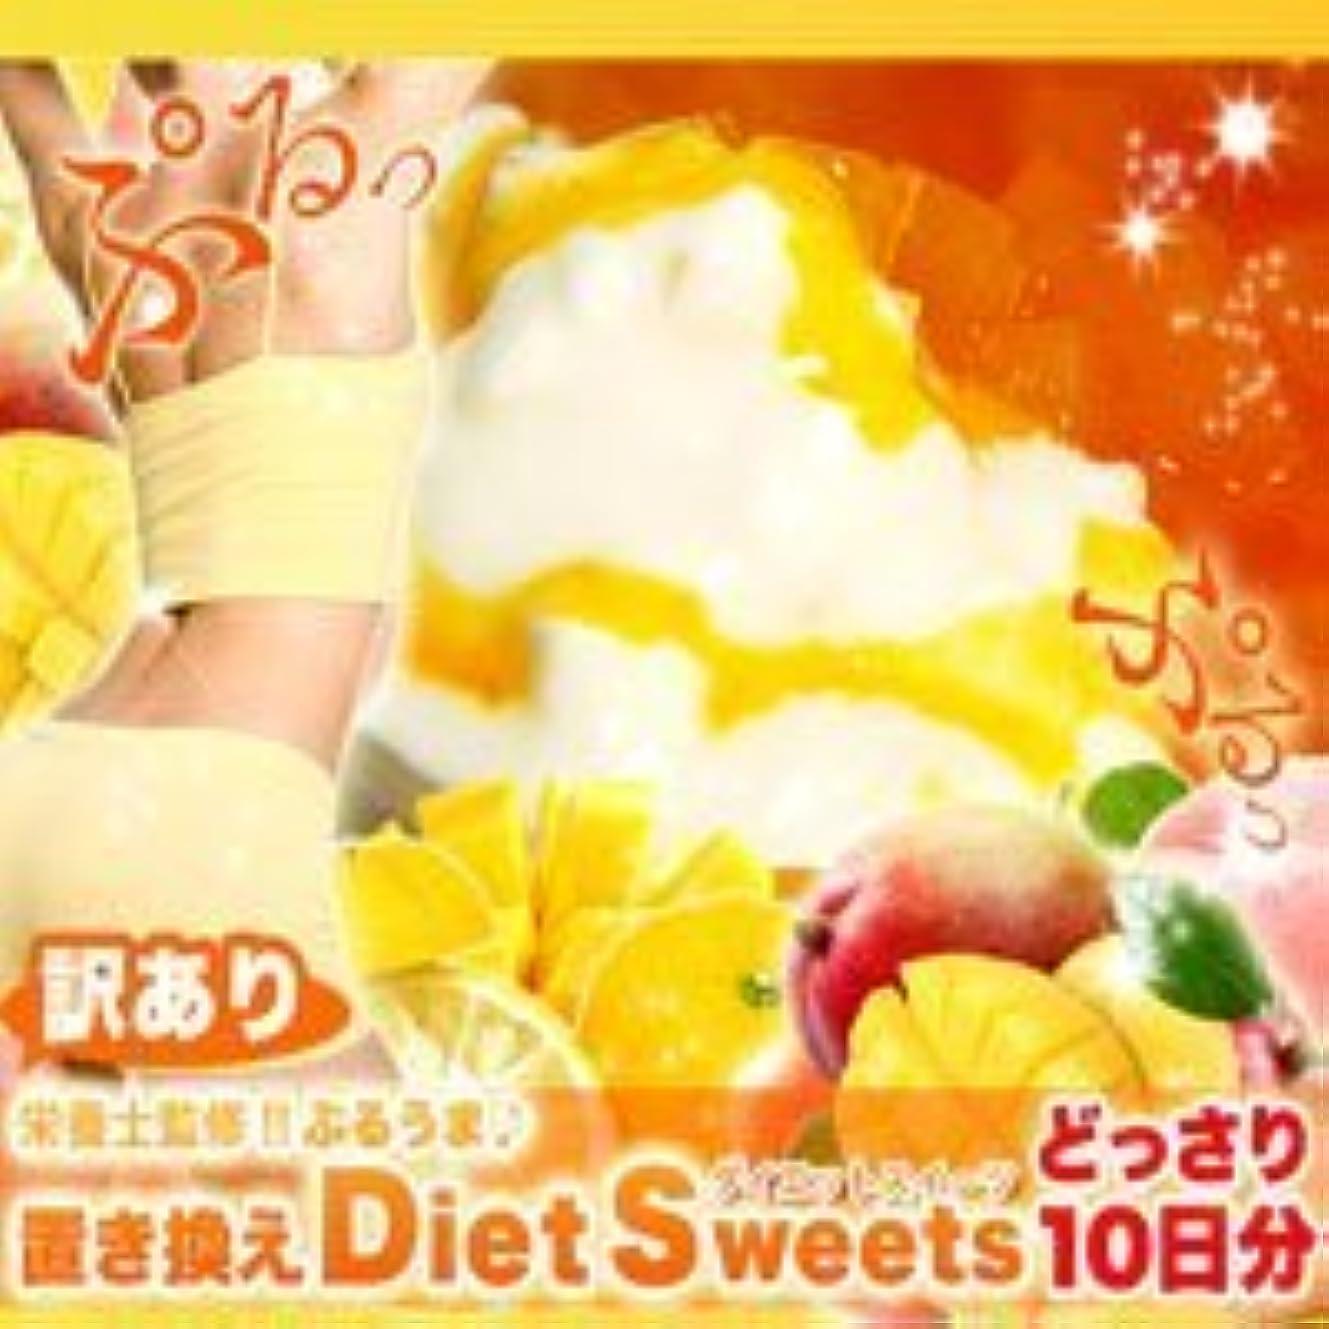 判決コンパイルボス置き換えダイエットスイーツ10日分 (1箱)